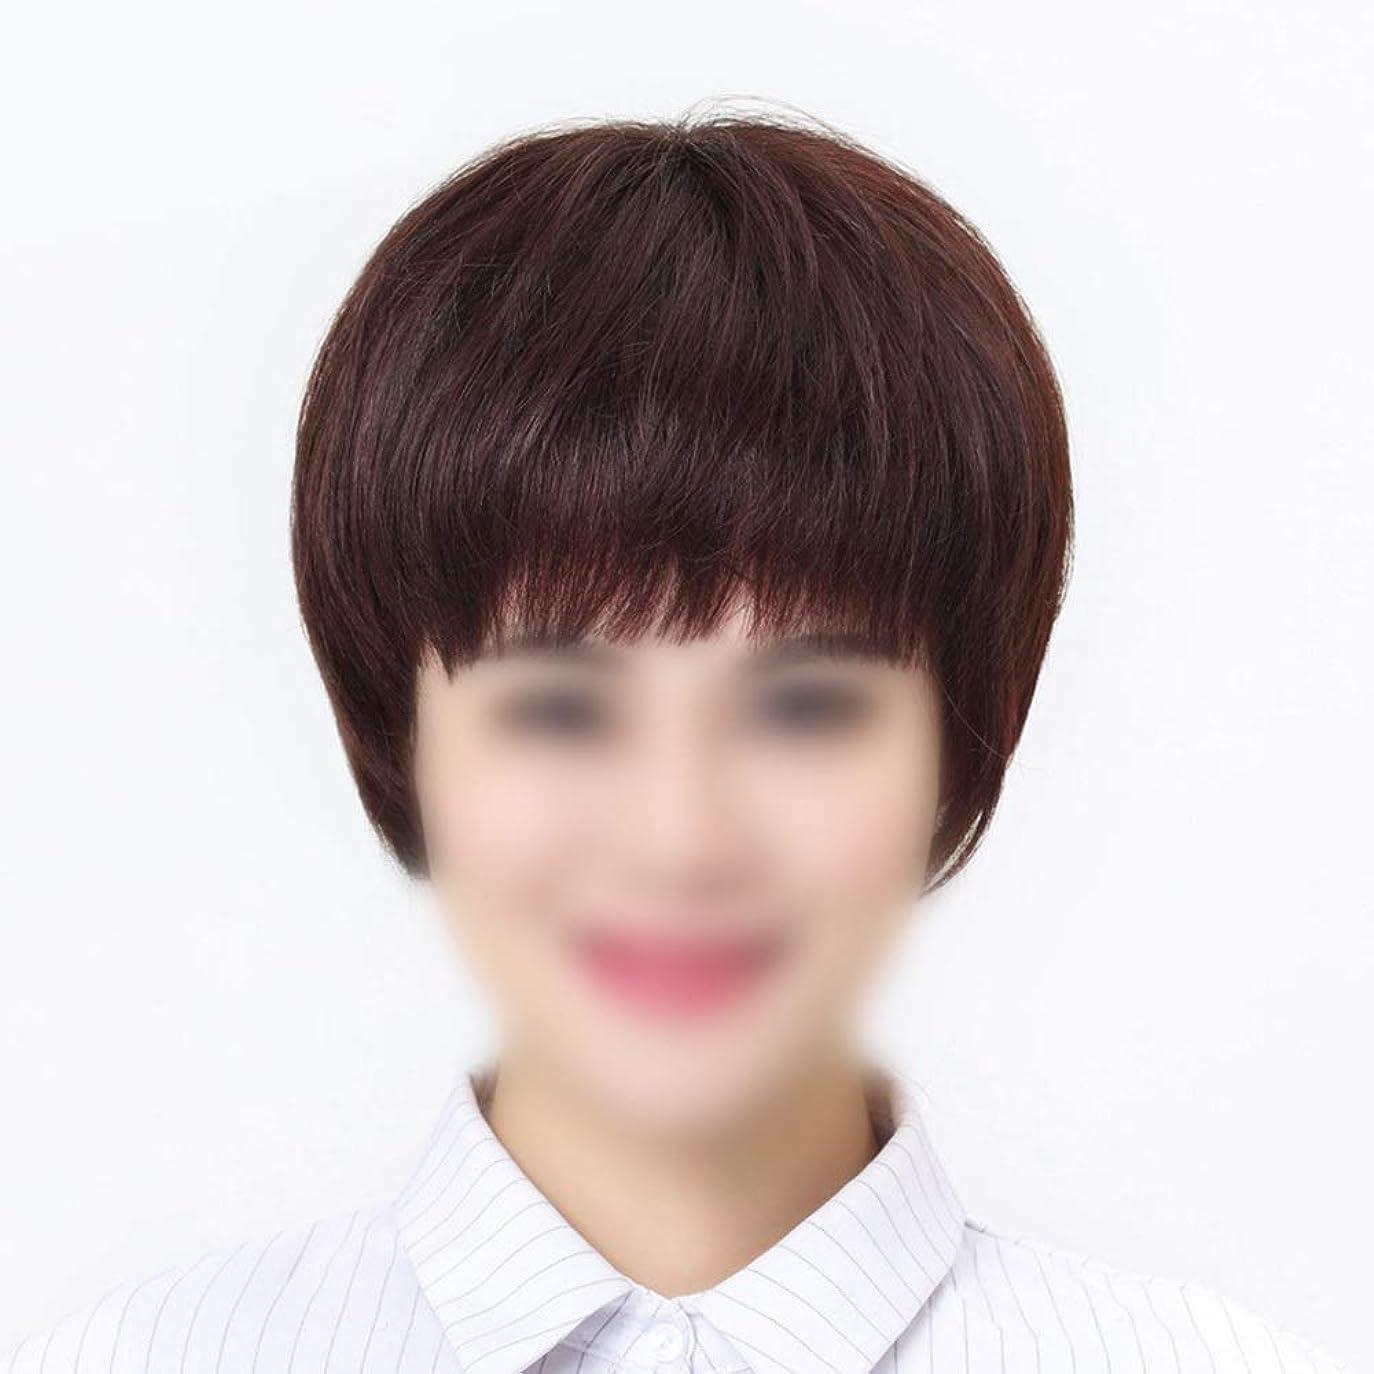 継続中普通に押すHOHYLLYA 女性のための手織りニットウィッグ本物の髪ウィッグショートストレートヘアーウィッグファッションウィッグ (色 : Natural black, サイズ : Hand-woven)